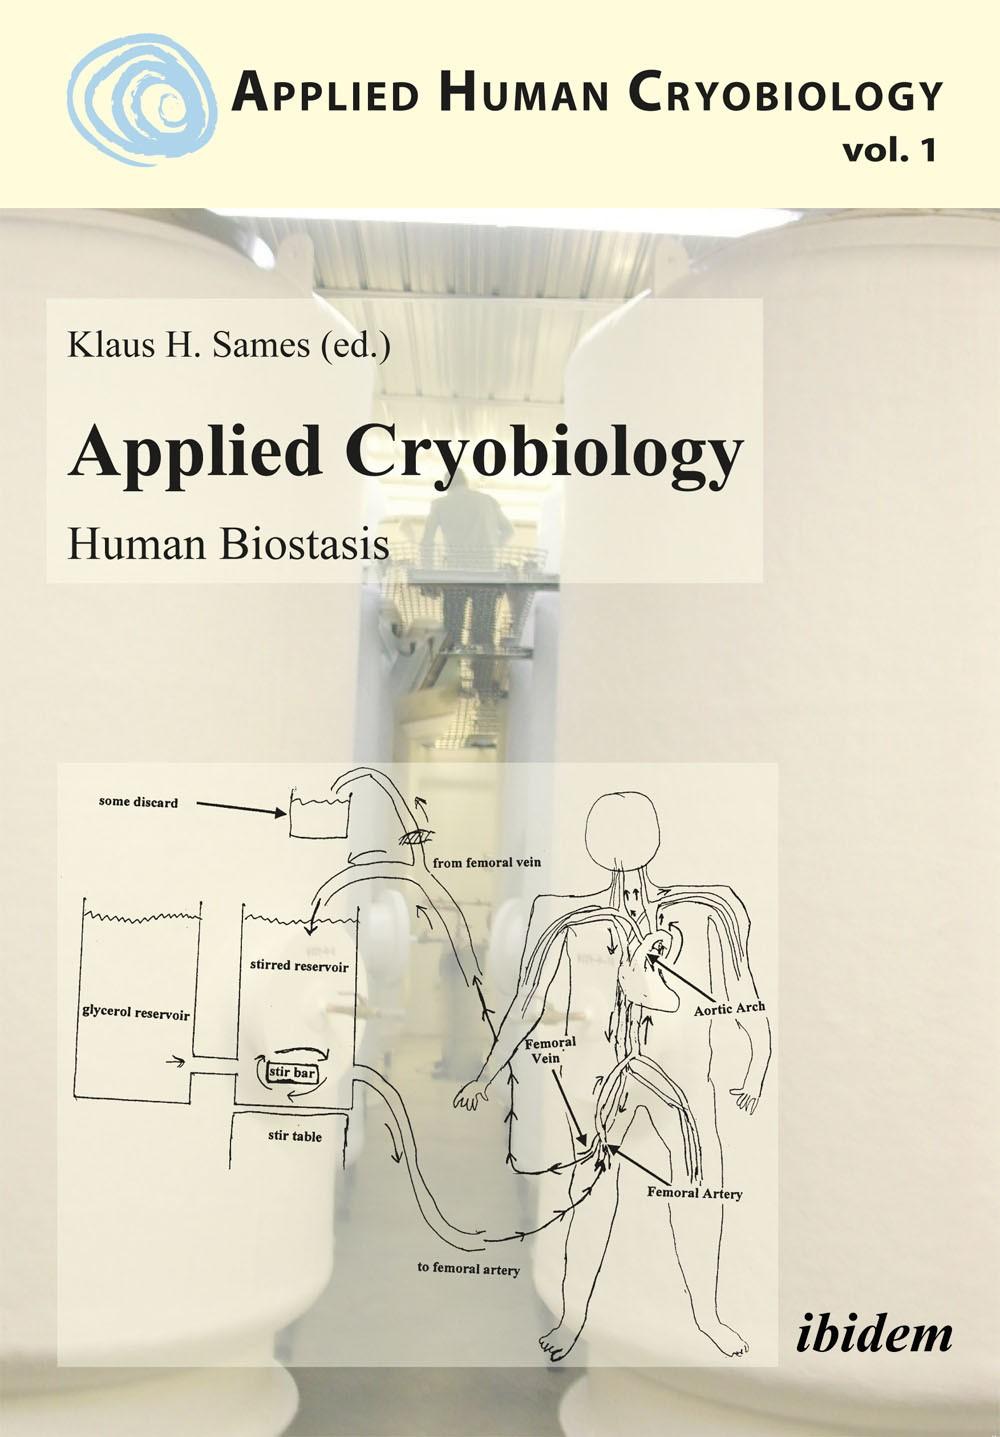 Applied Cryobiology – Human Biostasis